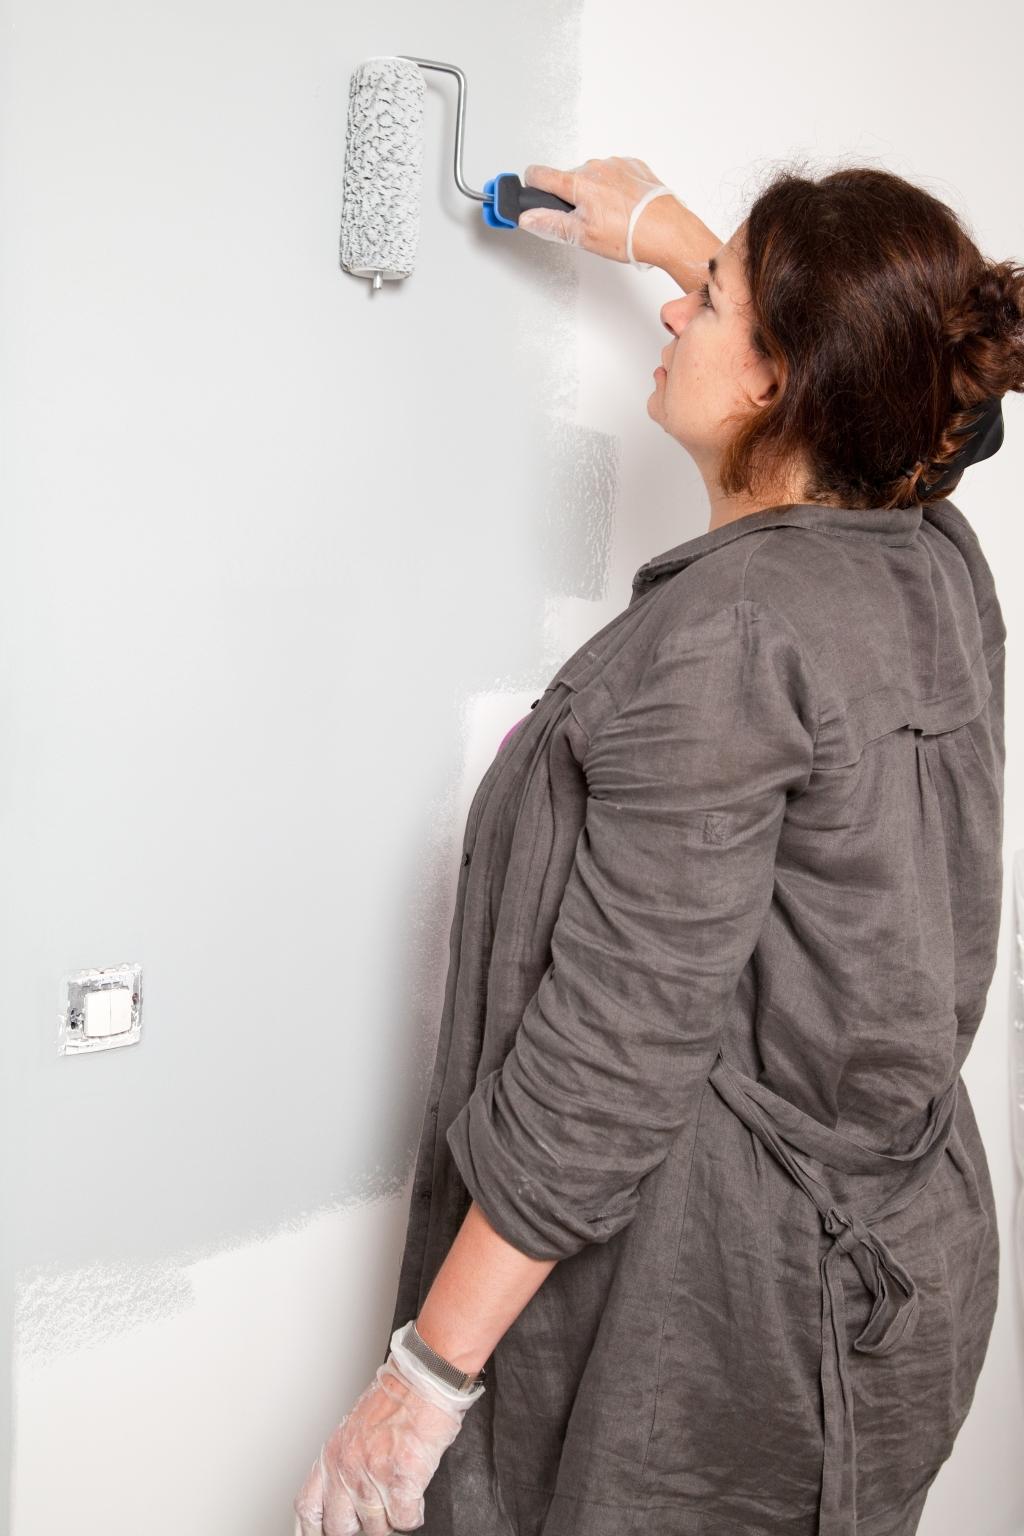 Peindre des murs avec de la peinture anti bruit - Étape 8